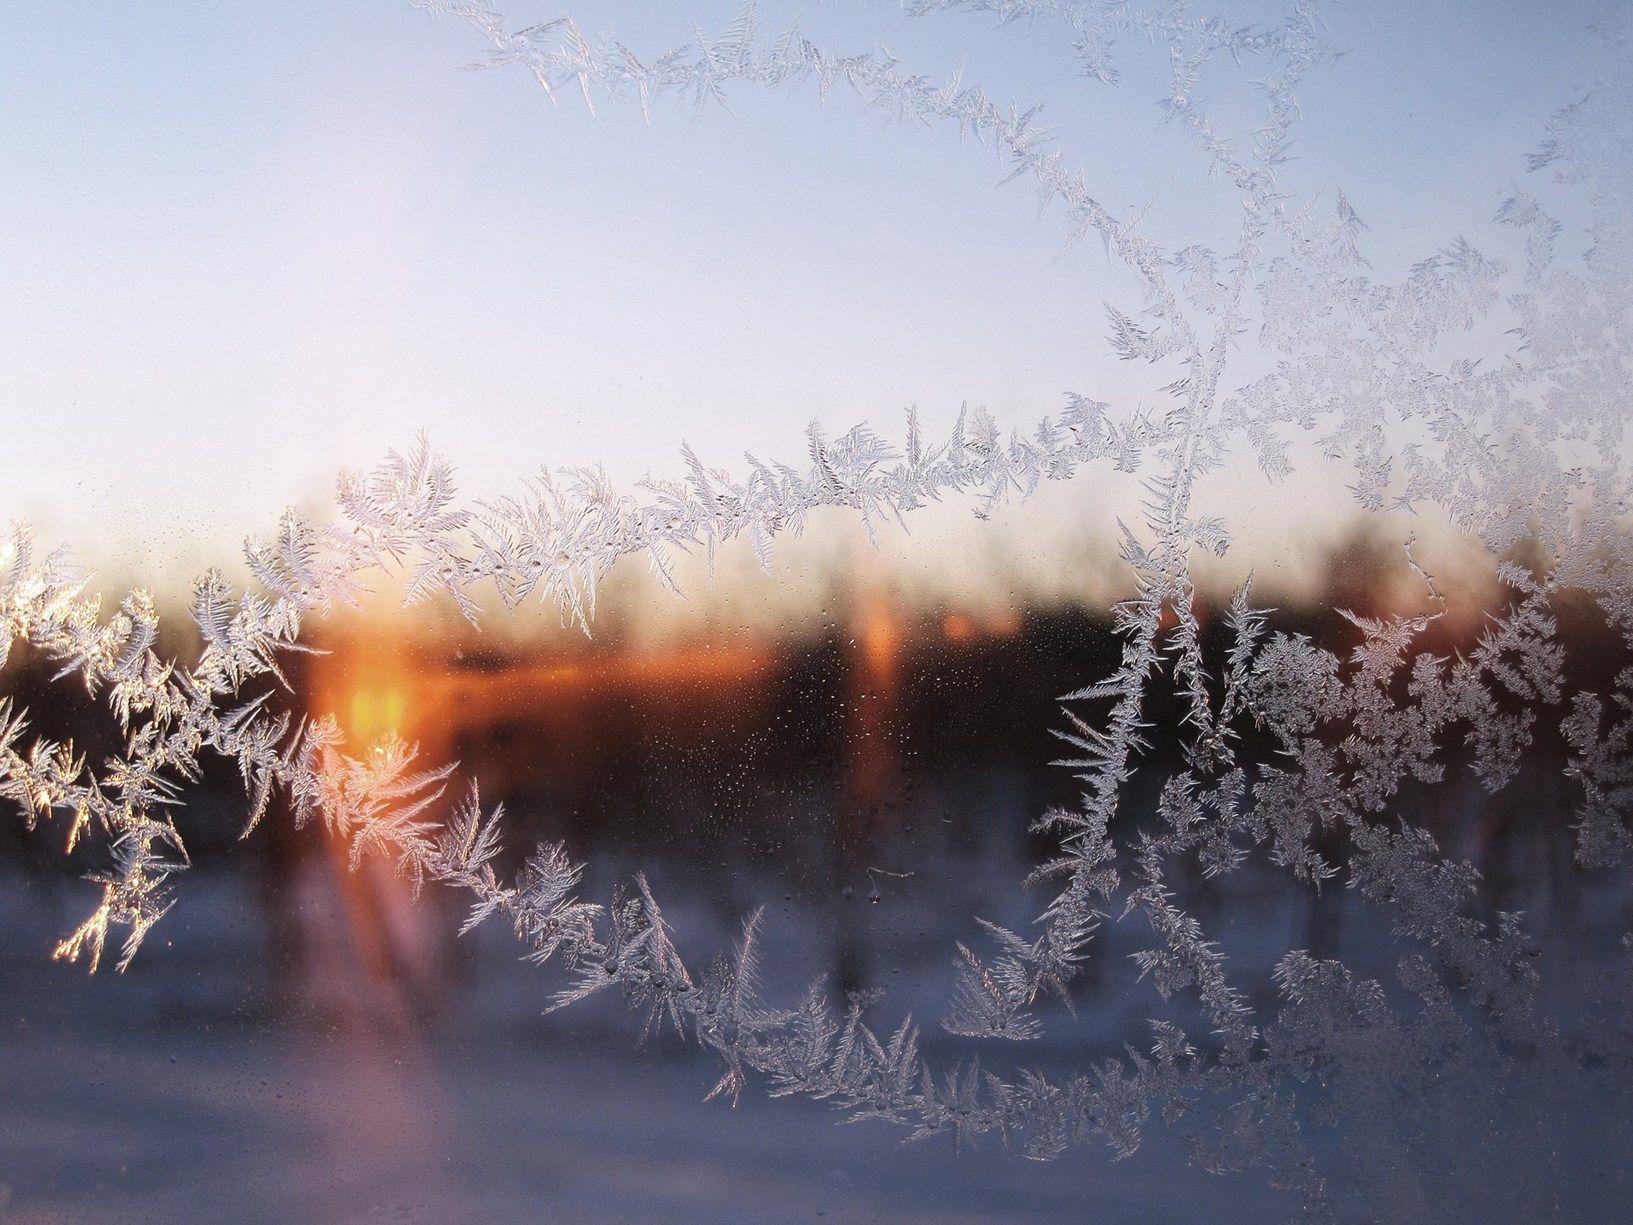 Navello: come risparmiare in vista dell'inverno